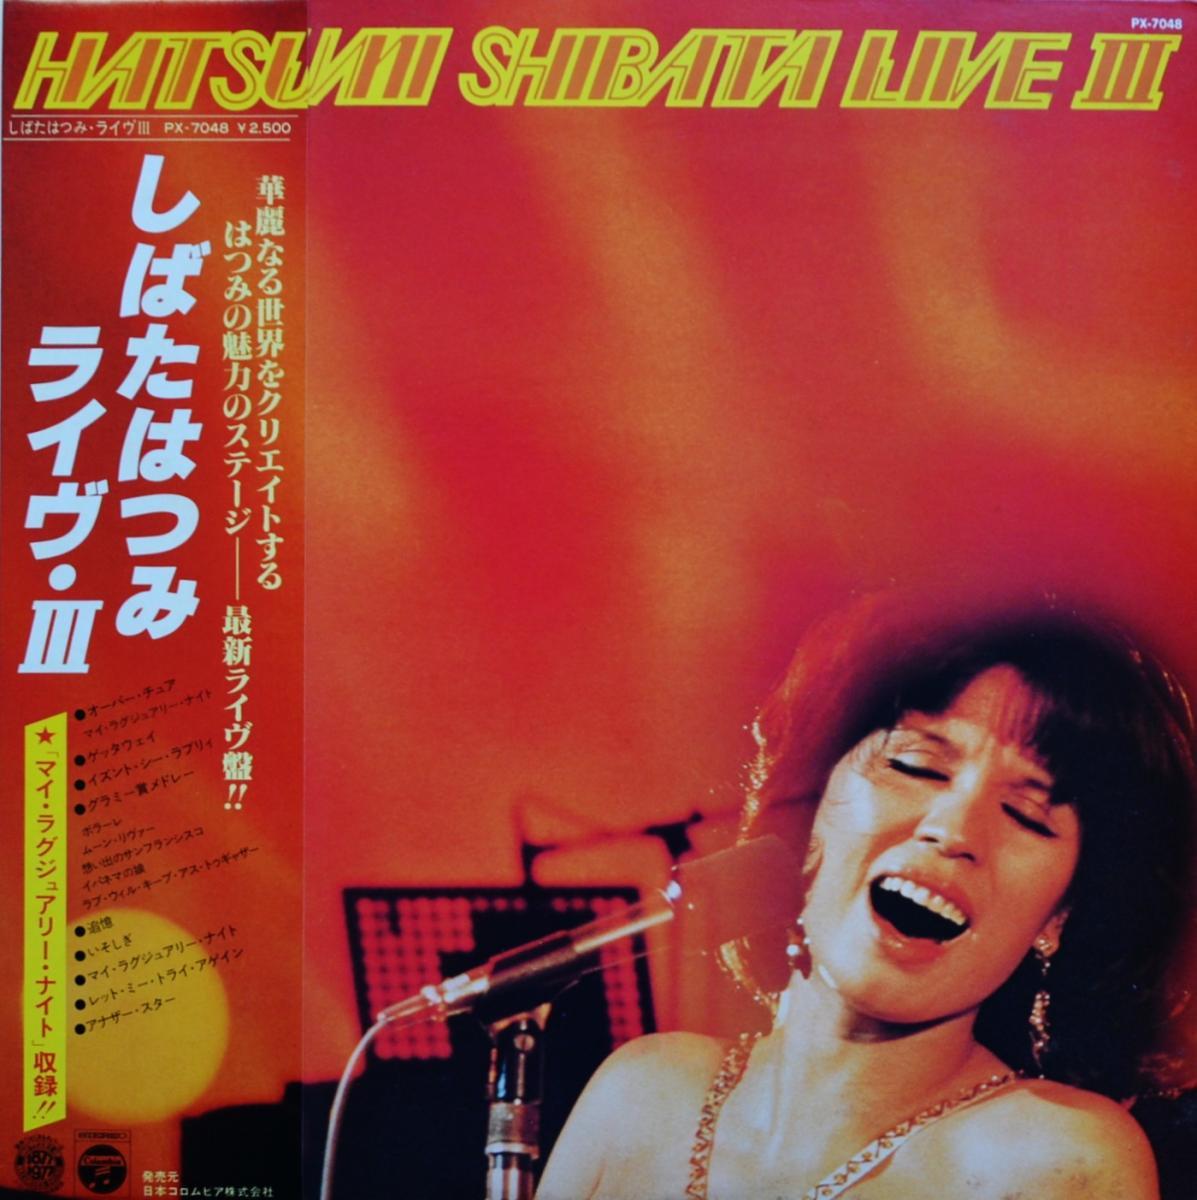 しばたはつみ HATSUMI SHIBATA / ライブ・3 LIVE � (LP)